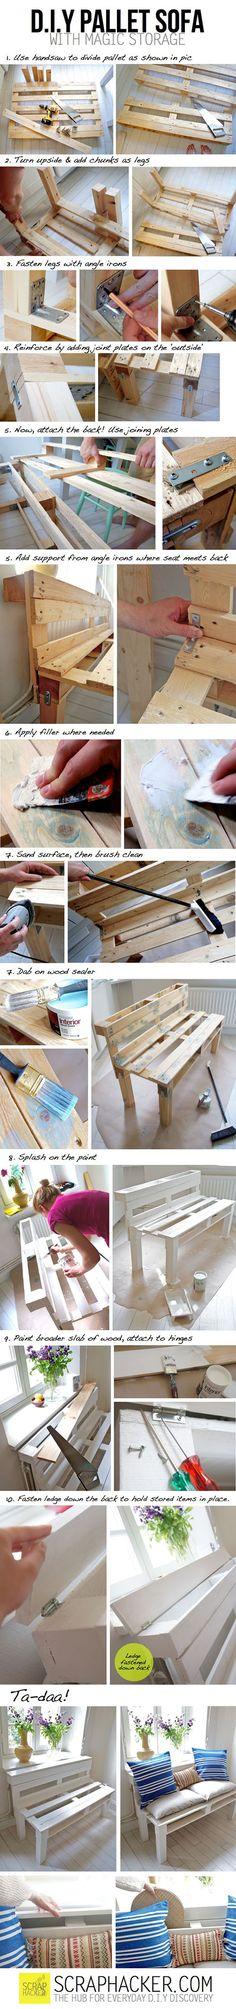 Diy Pallet Sofa   DIY & Crafts